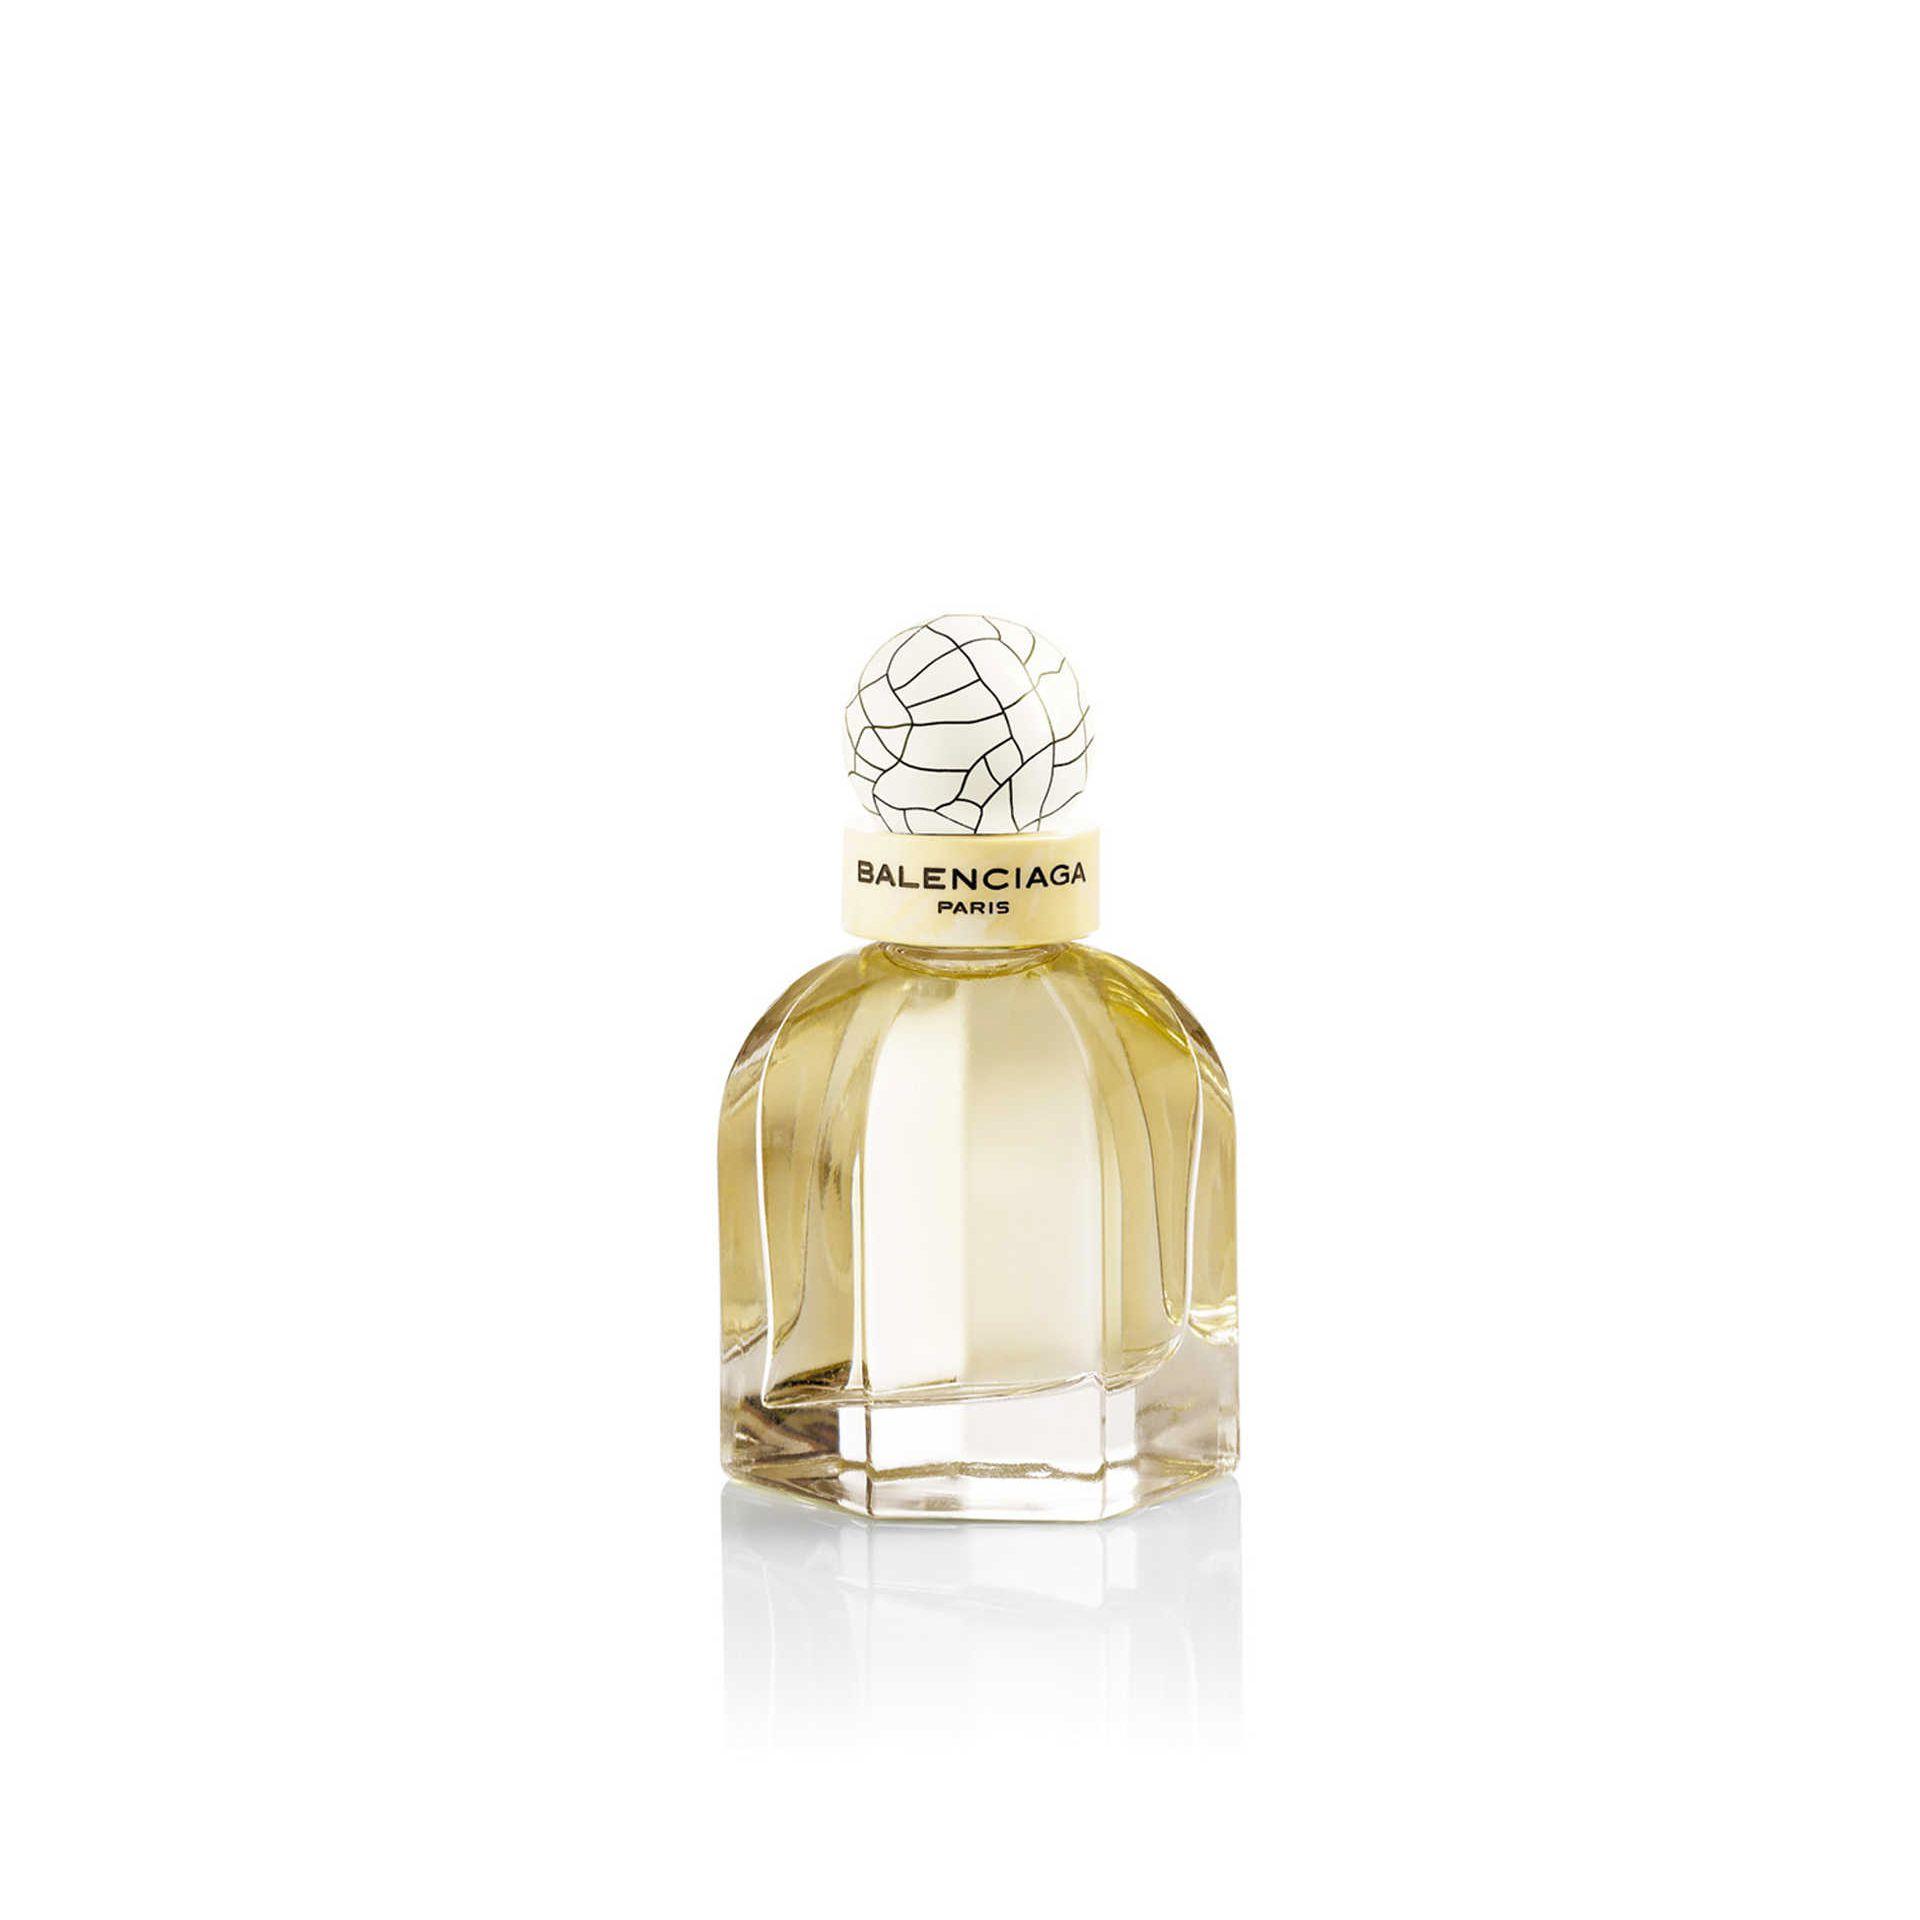 BALENCIAGA alenciaga Paris Eau De Parfum 30Ml Balenciaga Paris Fragrance D f